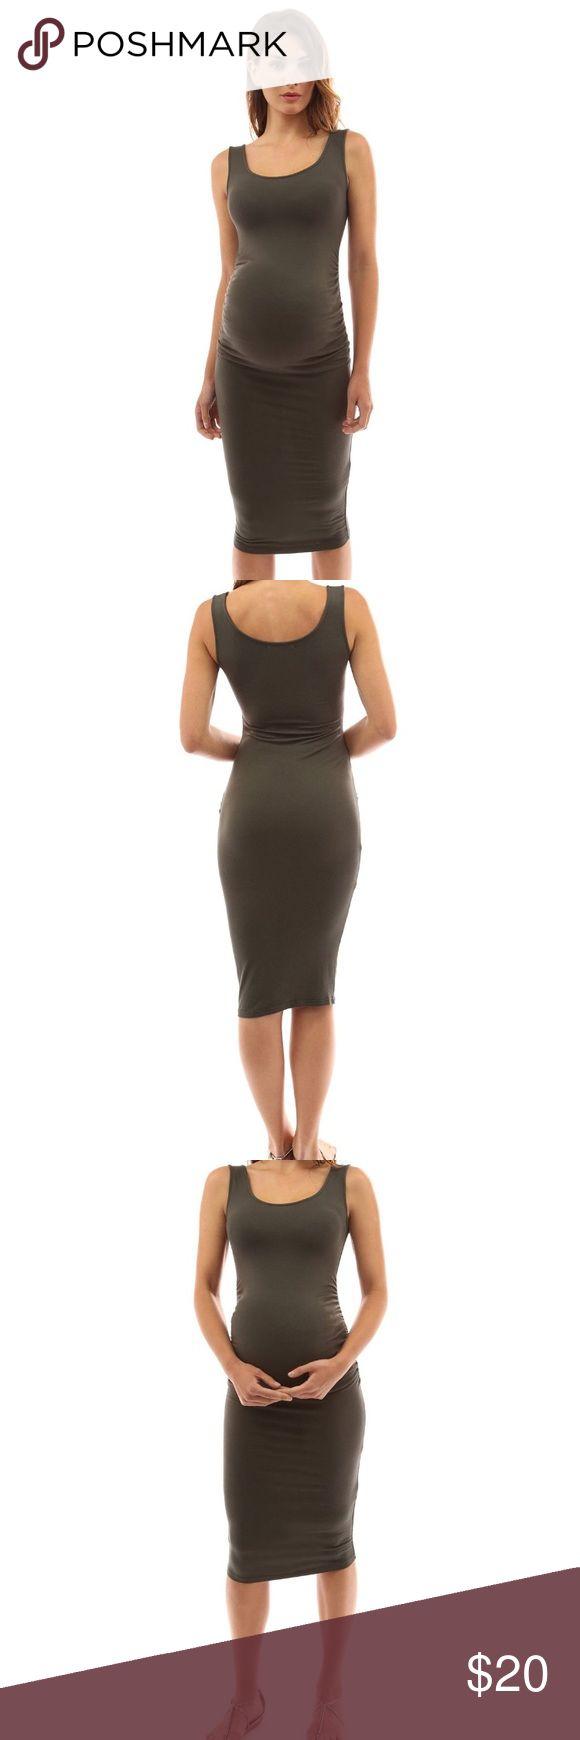 Mer enn 25 bra ideer om green maternity dresses p pinterest olive green maternity dress ombrellifo Images